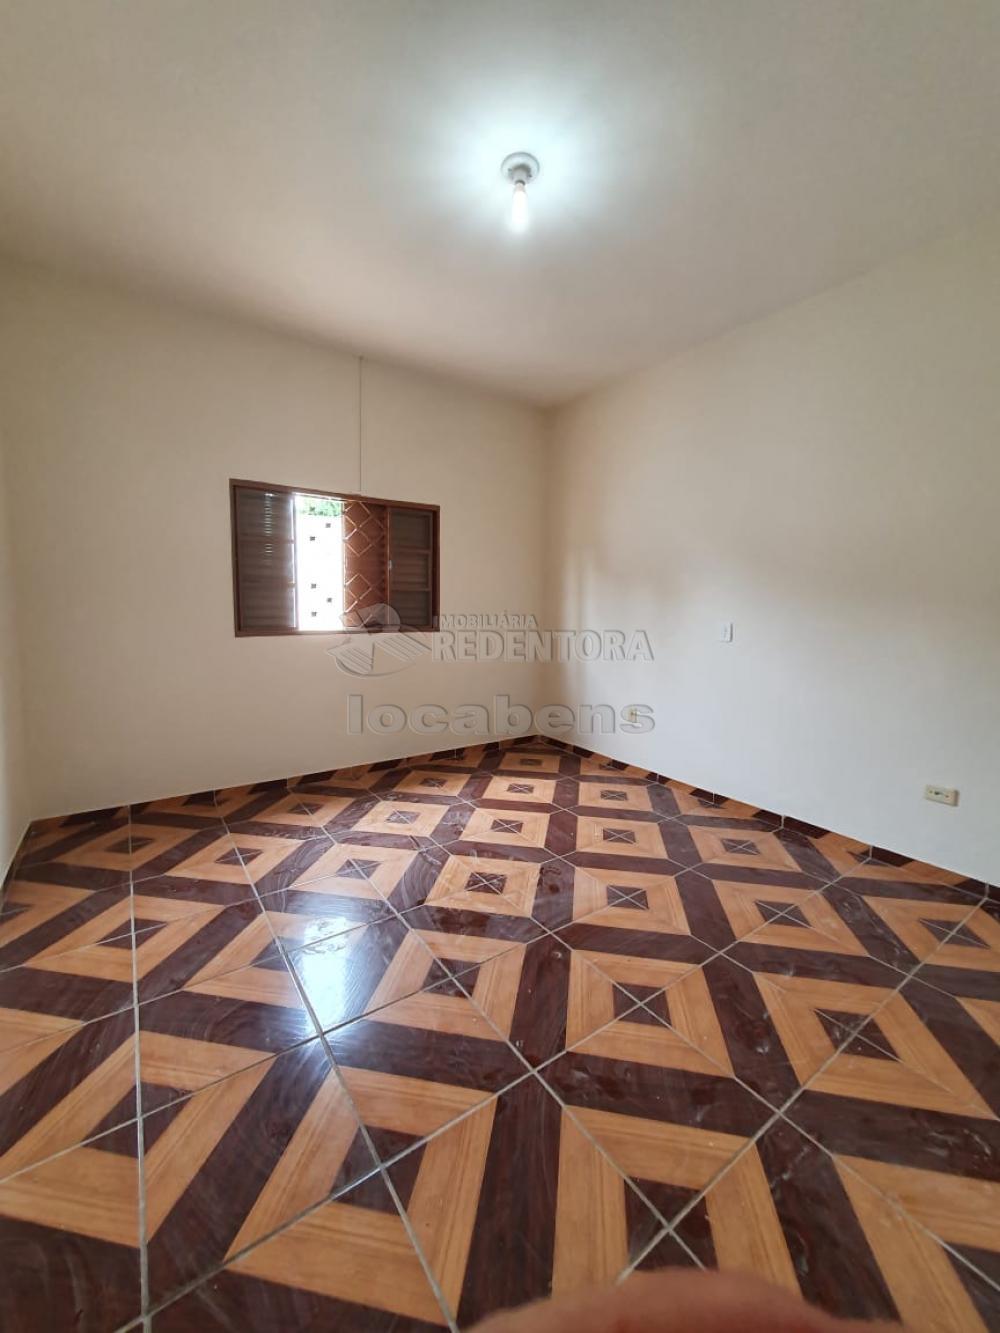 Comprar Casa / Padrão em São José do Rio Preto R$ 200.000,00 - Foto 17